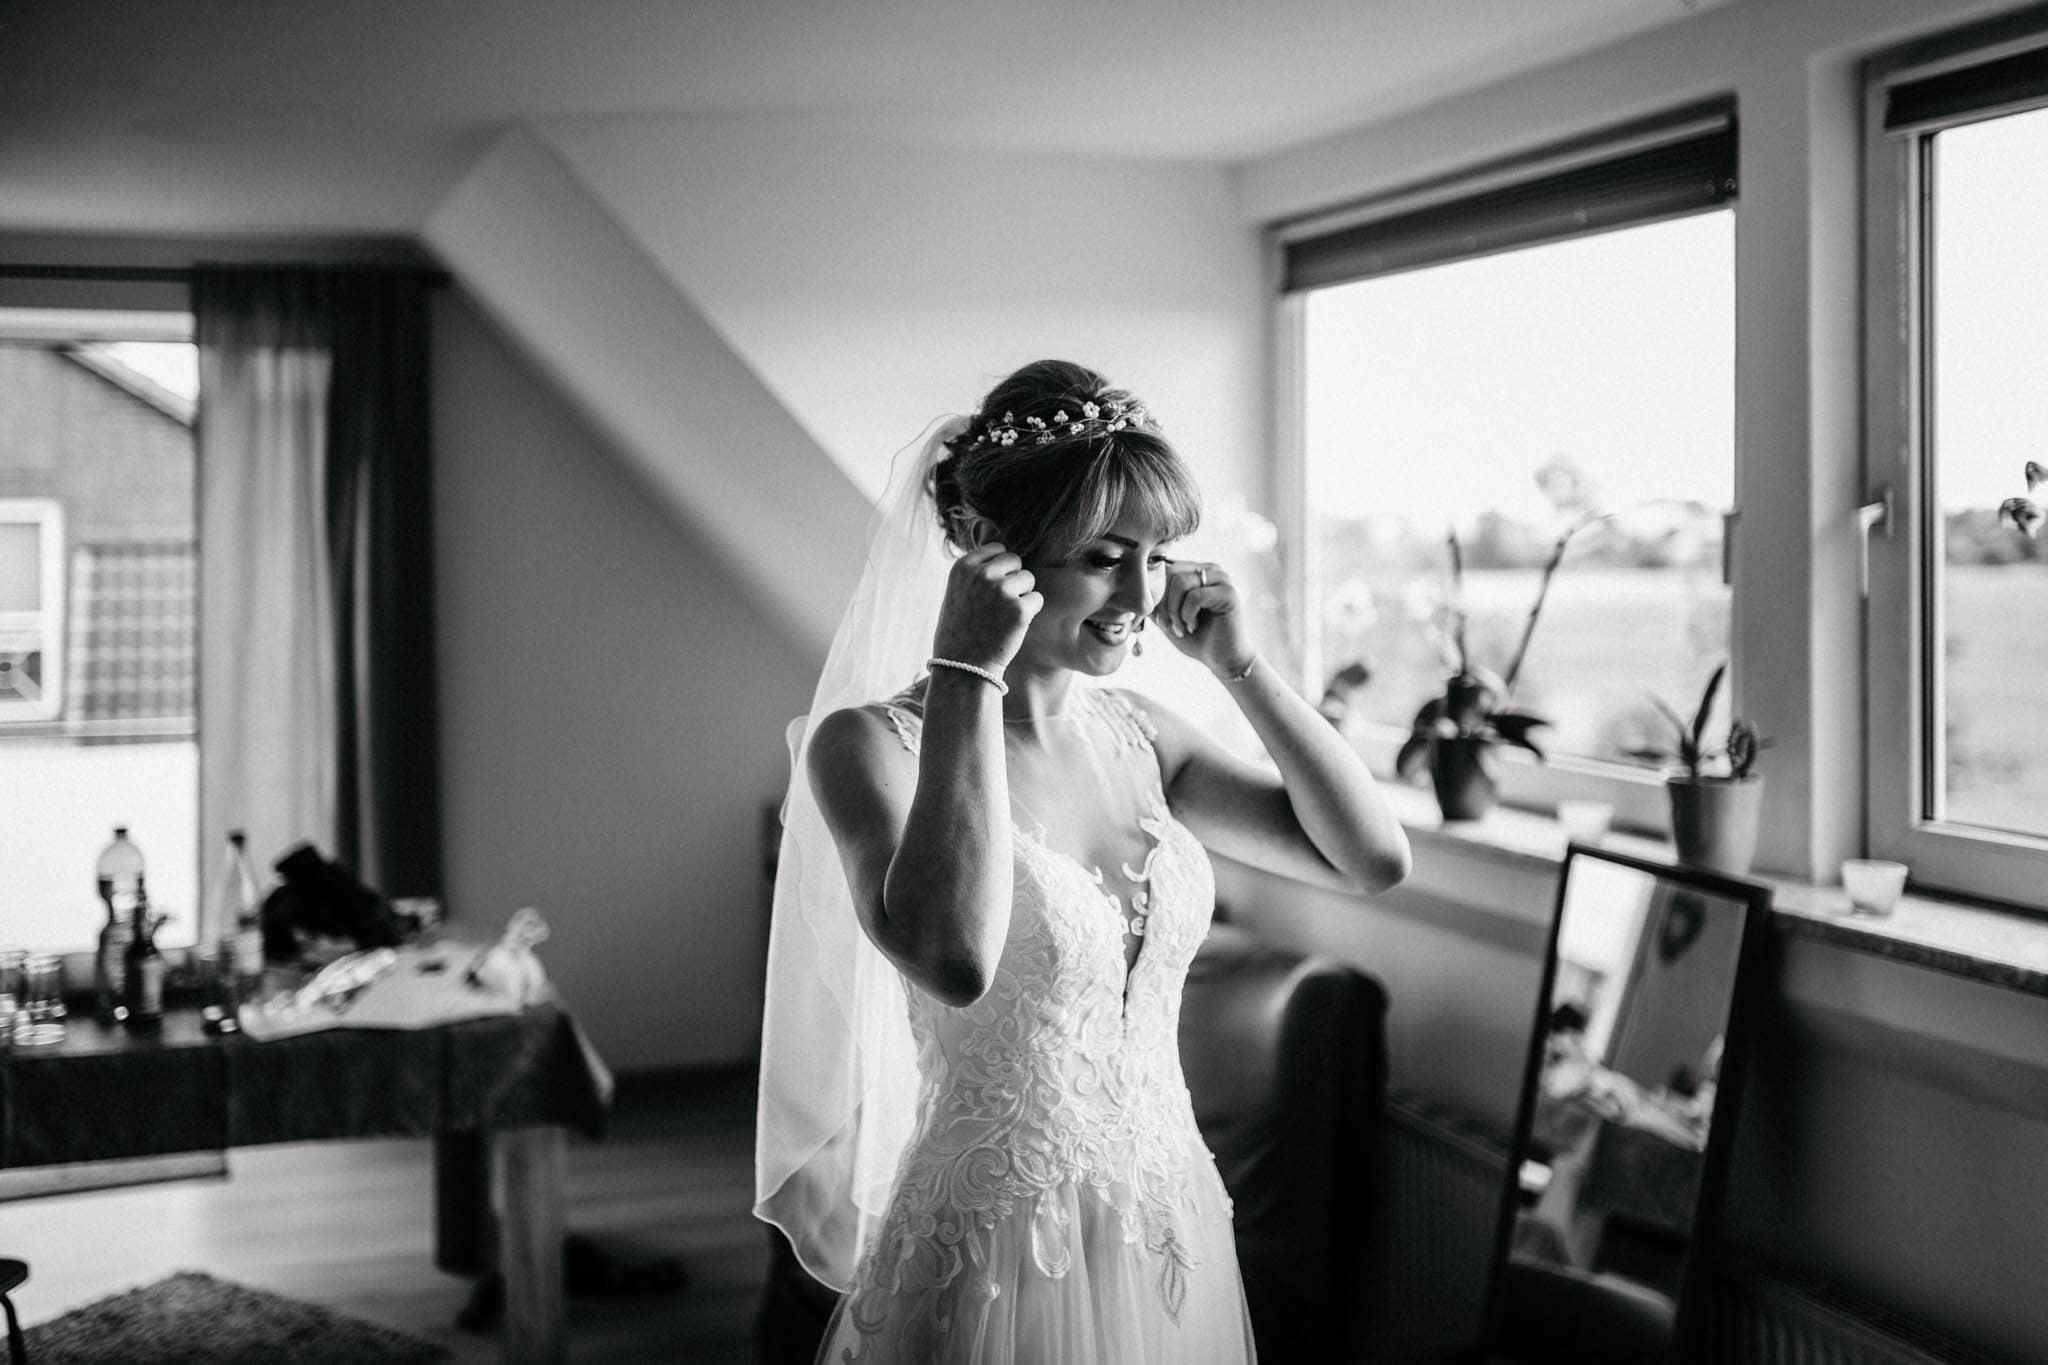 Hochzeitsfieber by Photo-Schomburg, Hoichzeitsfotograf, Hamburg, Wedding, Weddingtime, Hochzeitspaar, Braut, Bräutigam, Hochzeit im Norden,-33